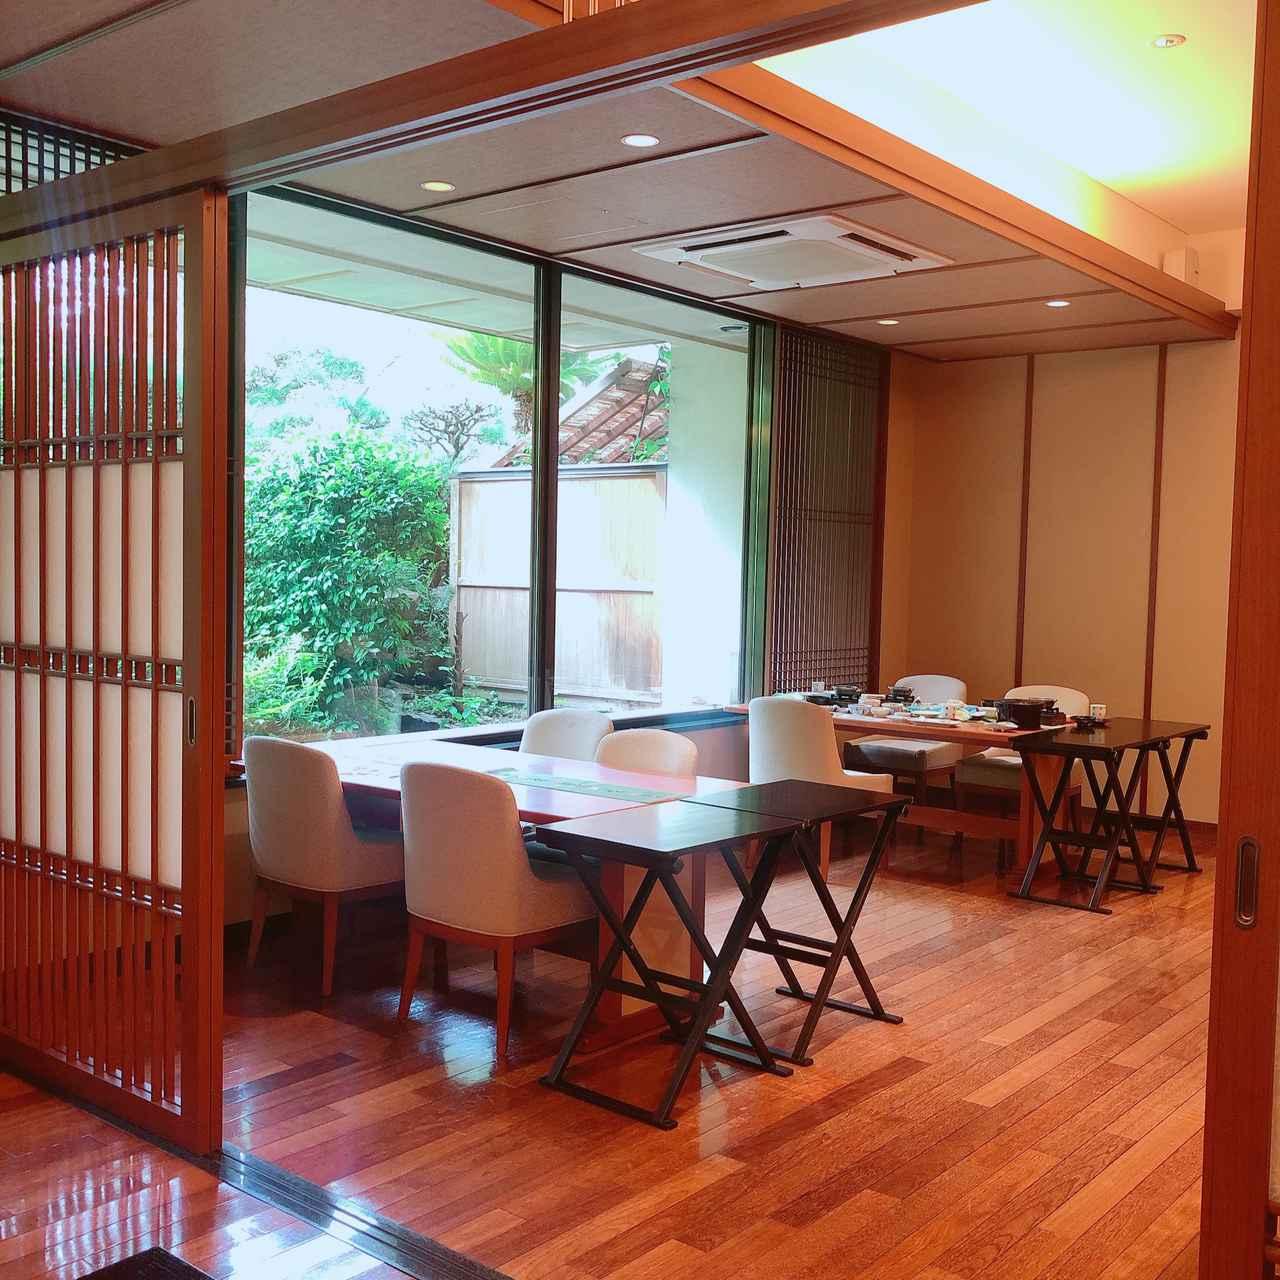 画像12: GoTo紅葉観光におすすめ!伊豆の温泉宿「清流荘」で週末女子旅♡